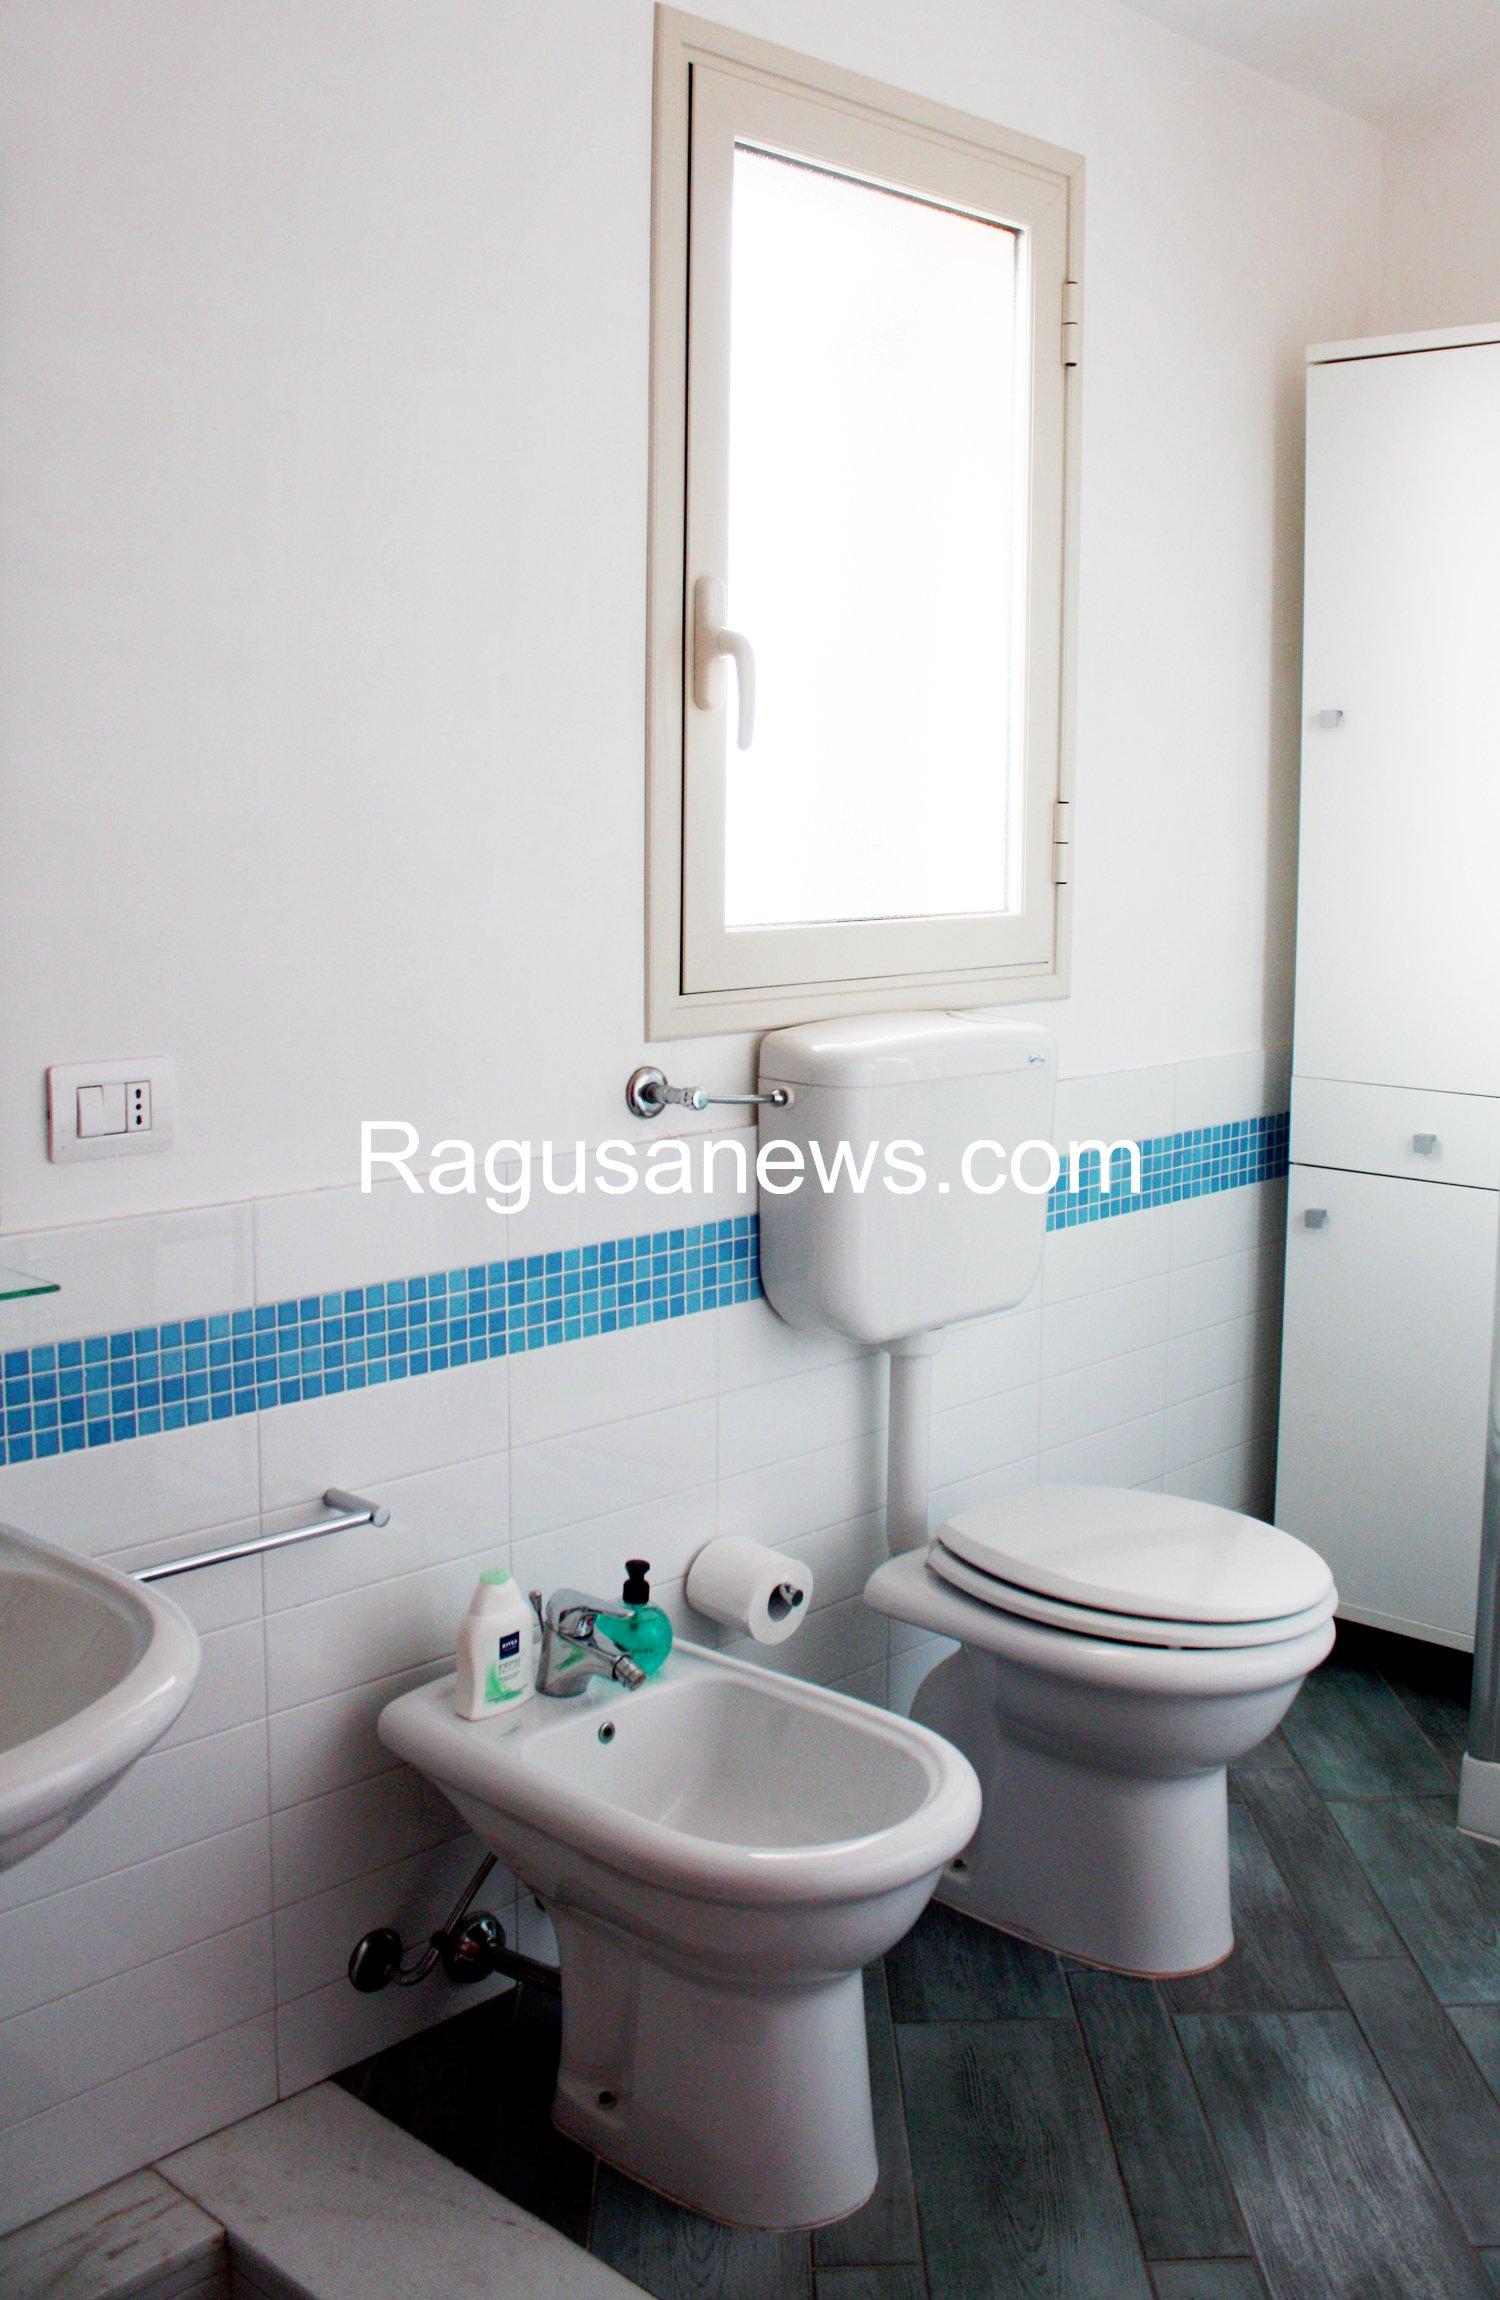 https://www.ragusanews.com//immagini_articoli/16-03-2015/1426495125-1-affitto-appartamento-a-donnalucata.jpg